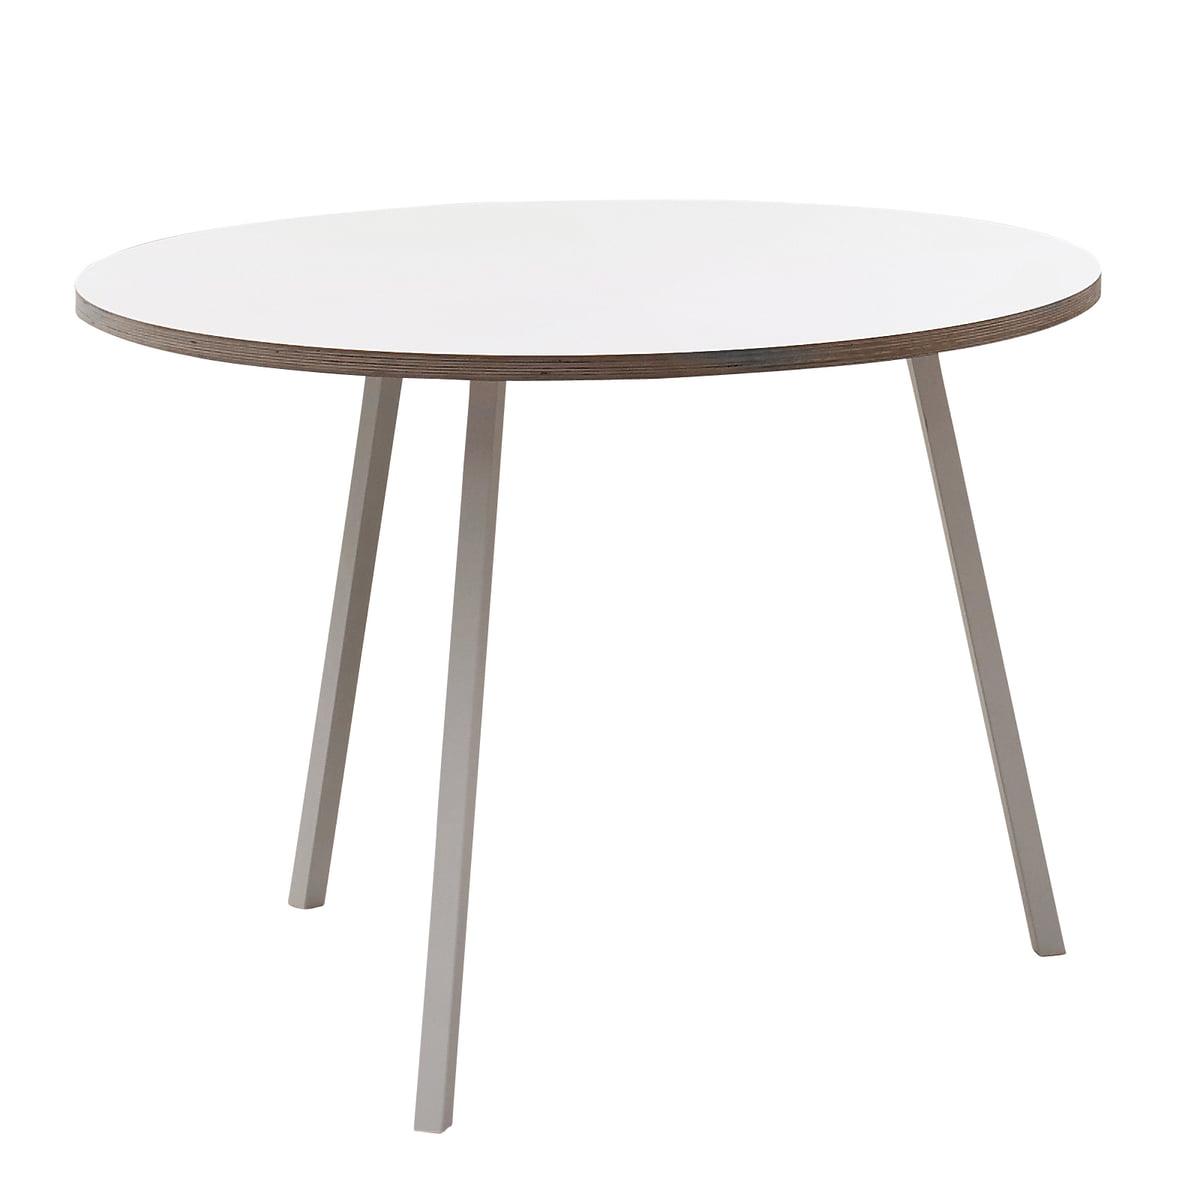 Tisch design rund  Loop Stand Tisch rund von Hay im Shop